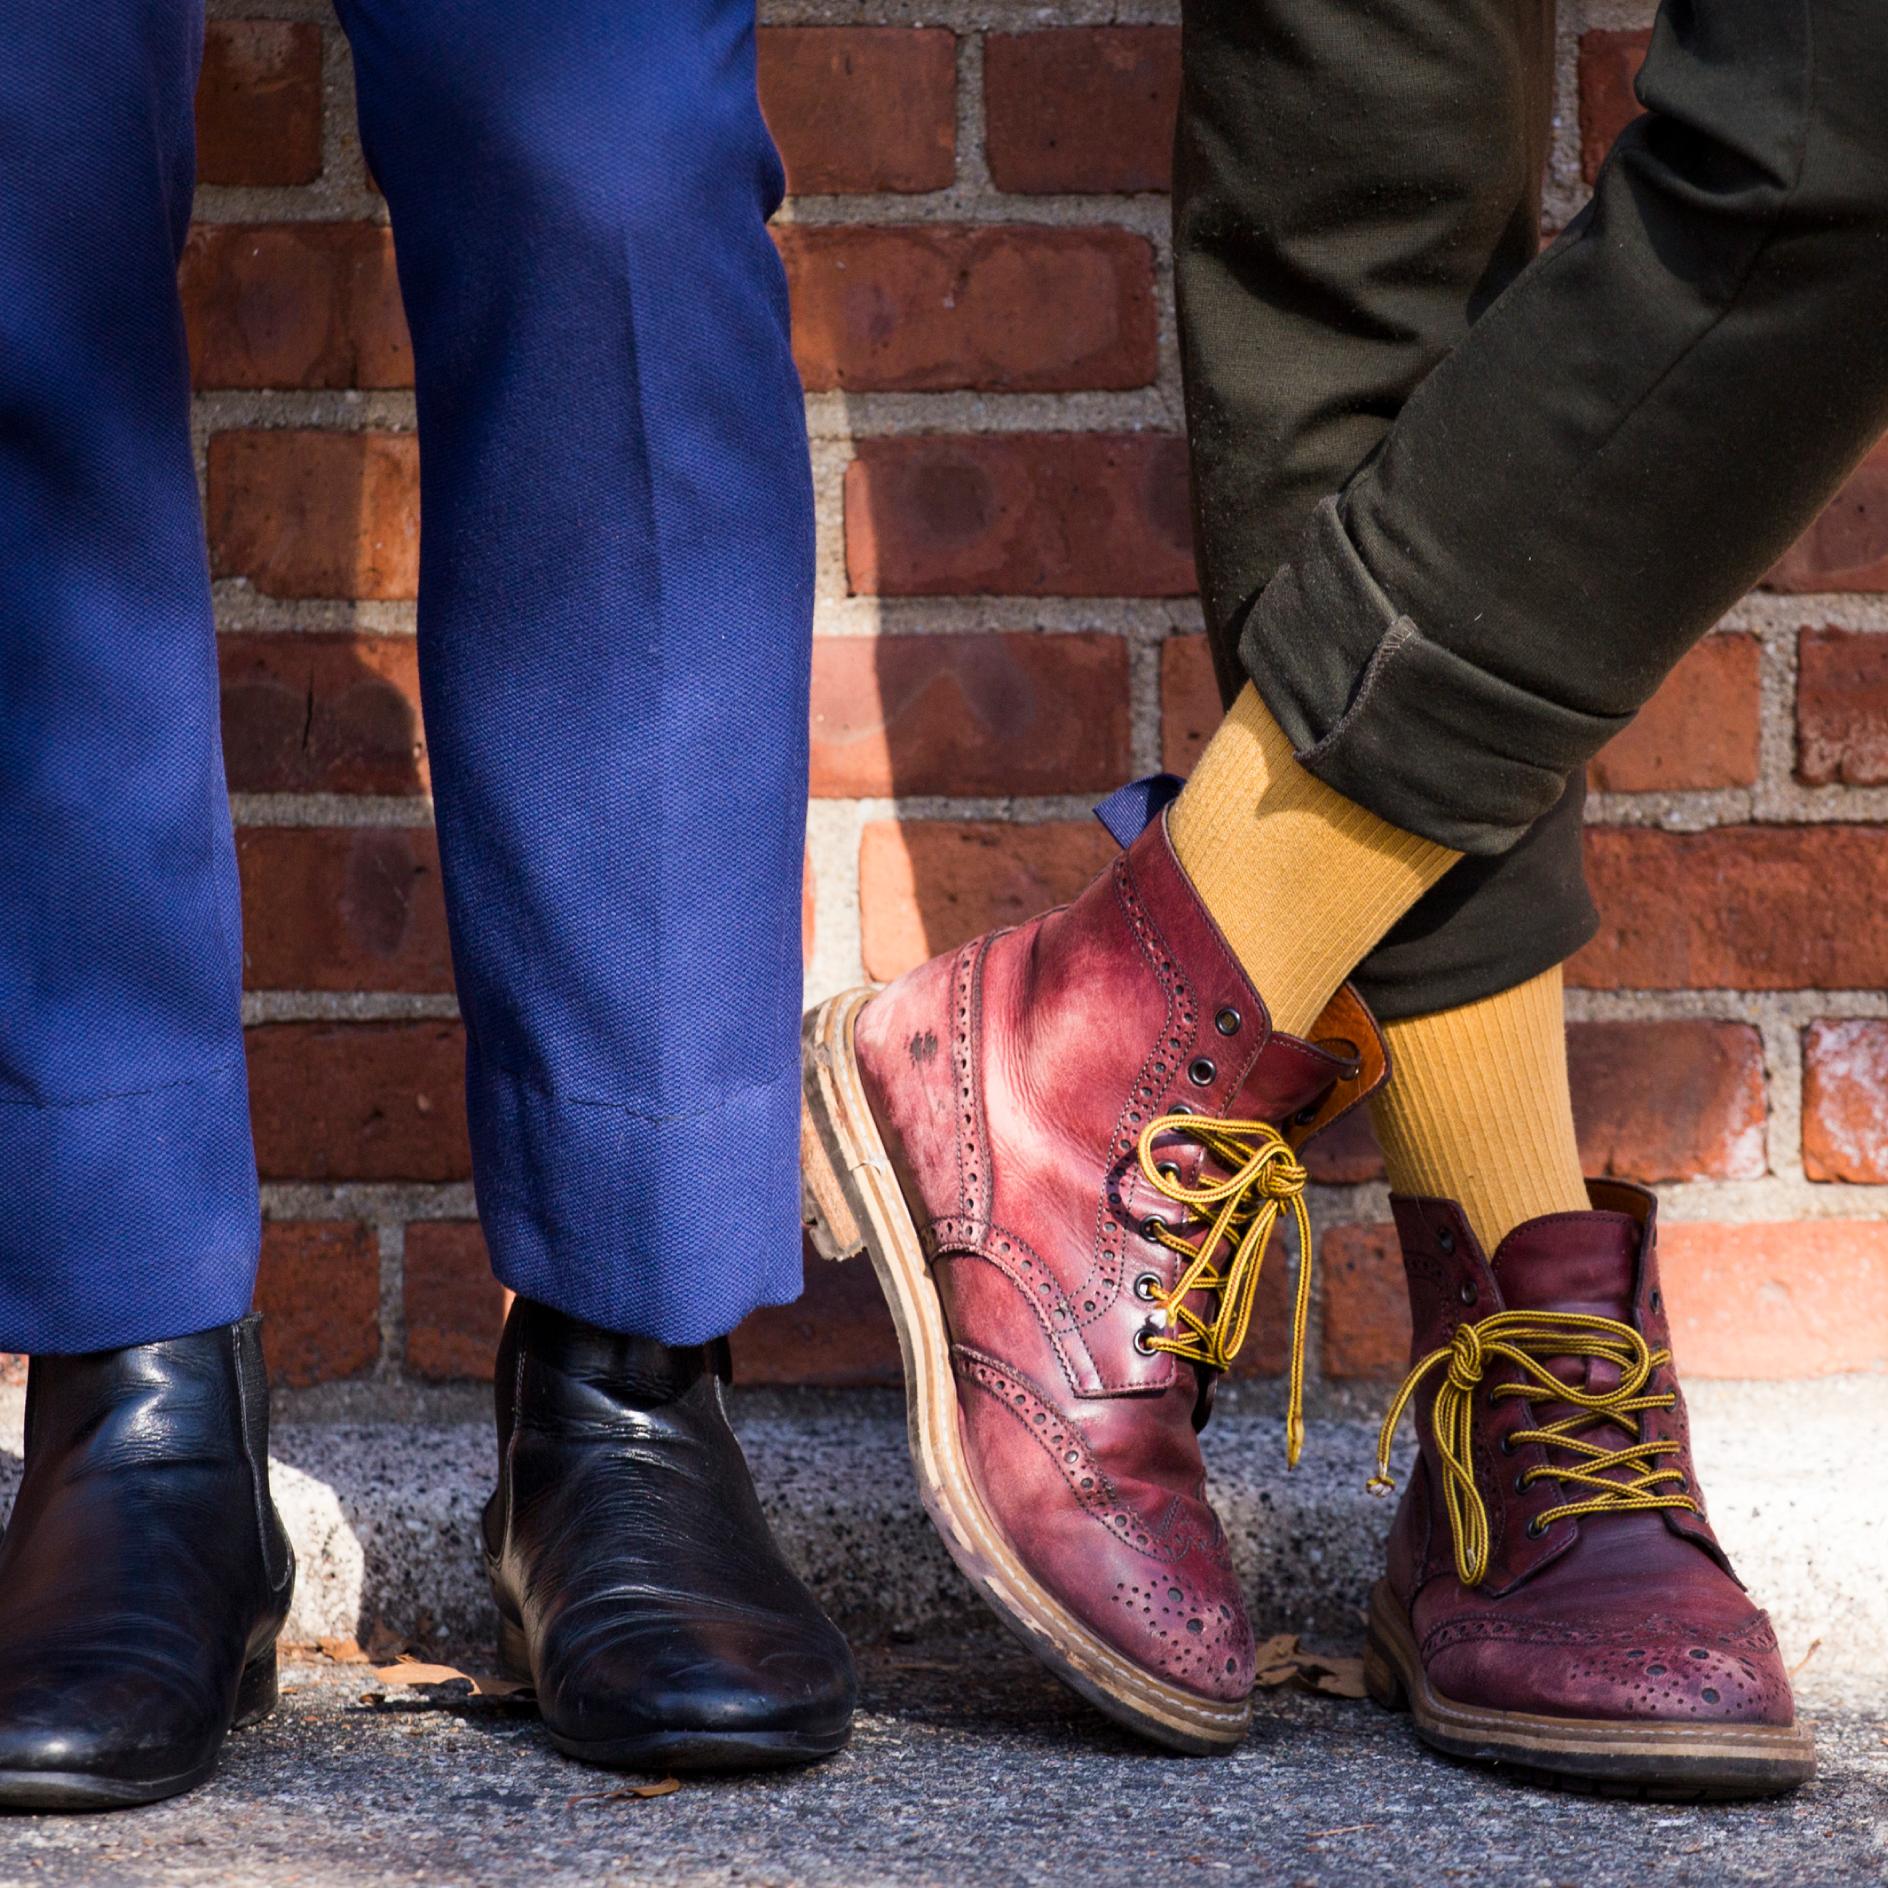 sotb_galeria_ix-socks-on-the-beat